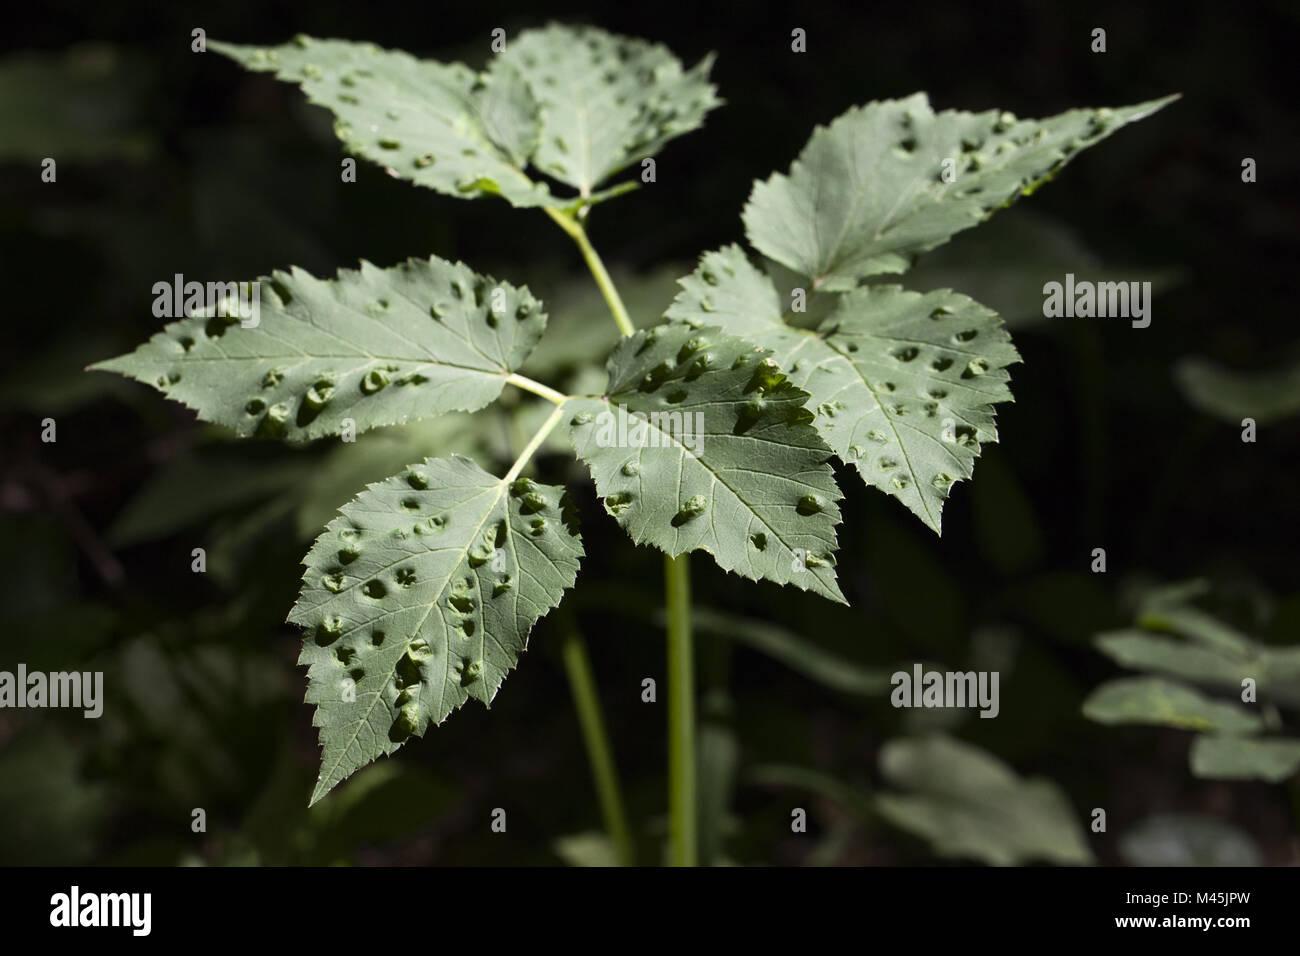 Planta afectada por enfermedad Imagen De Stock